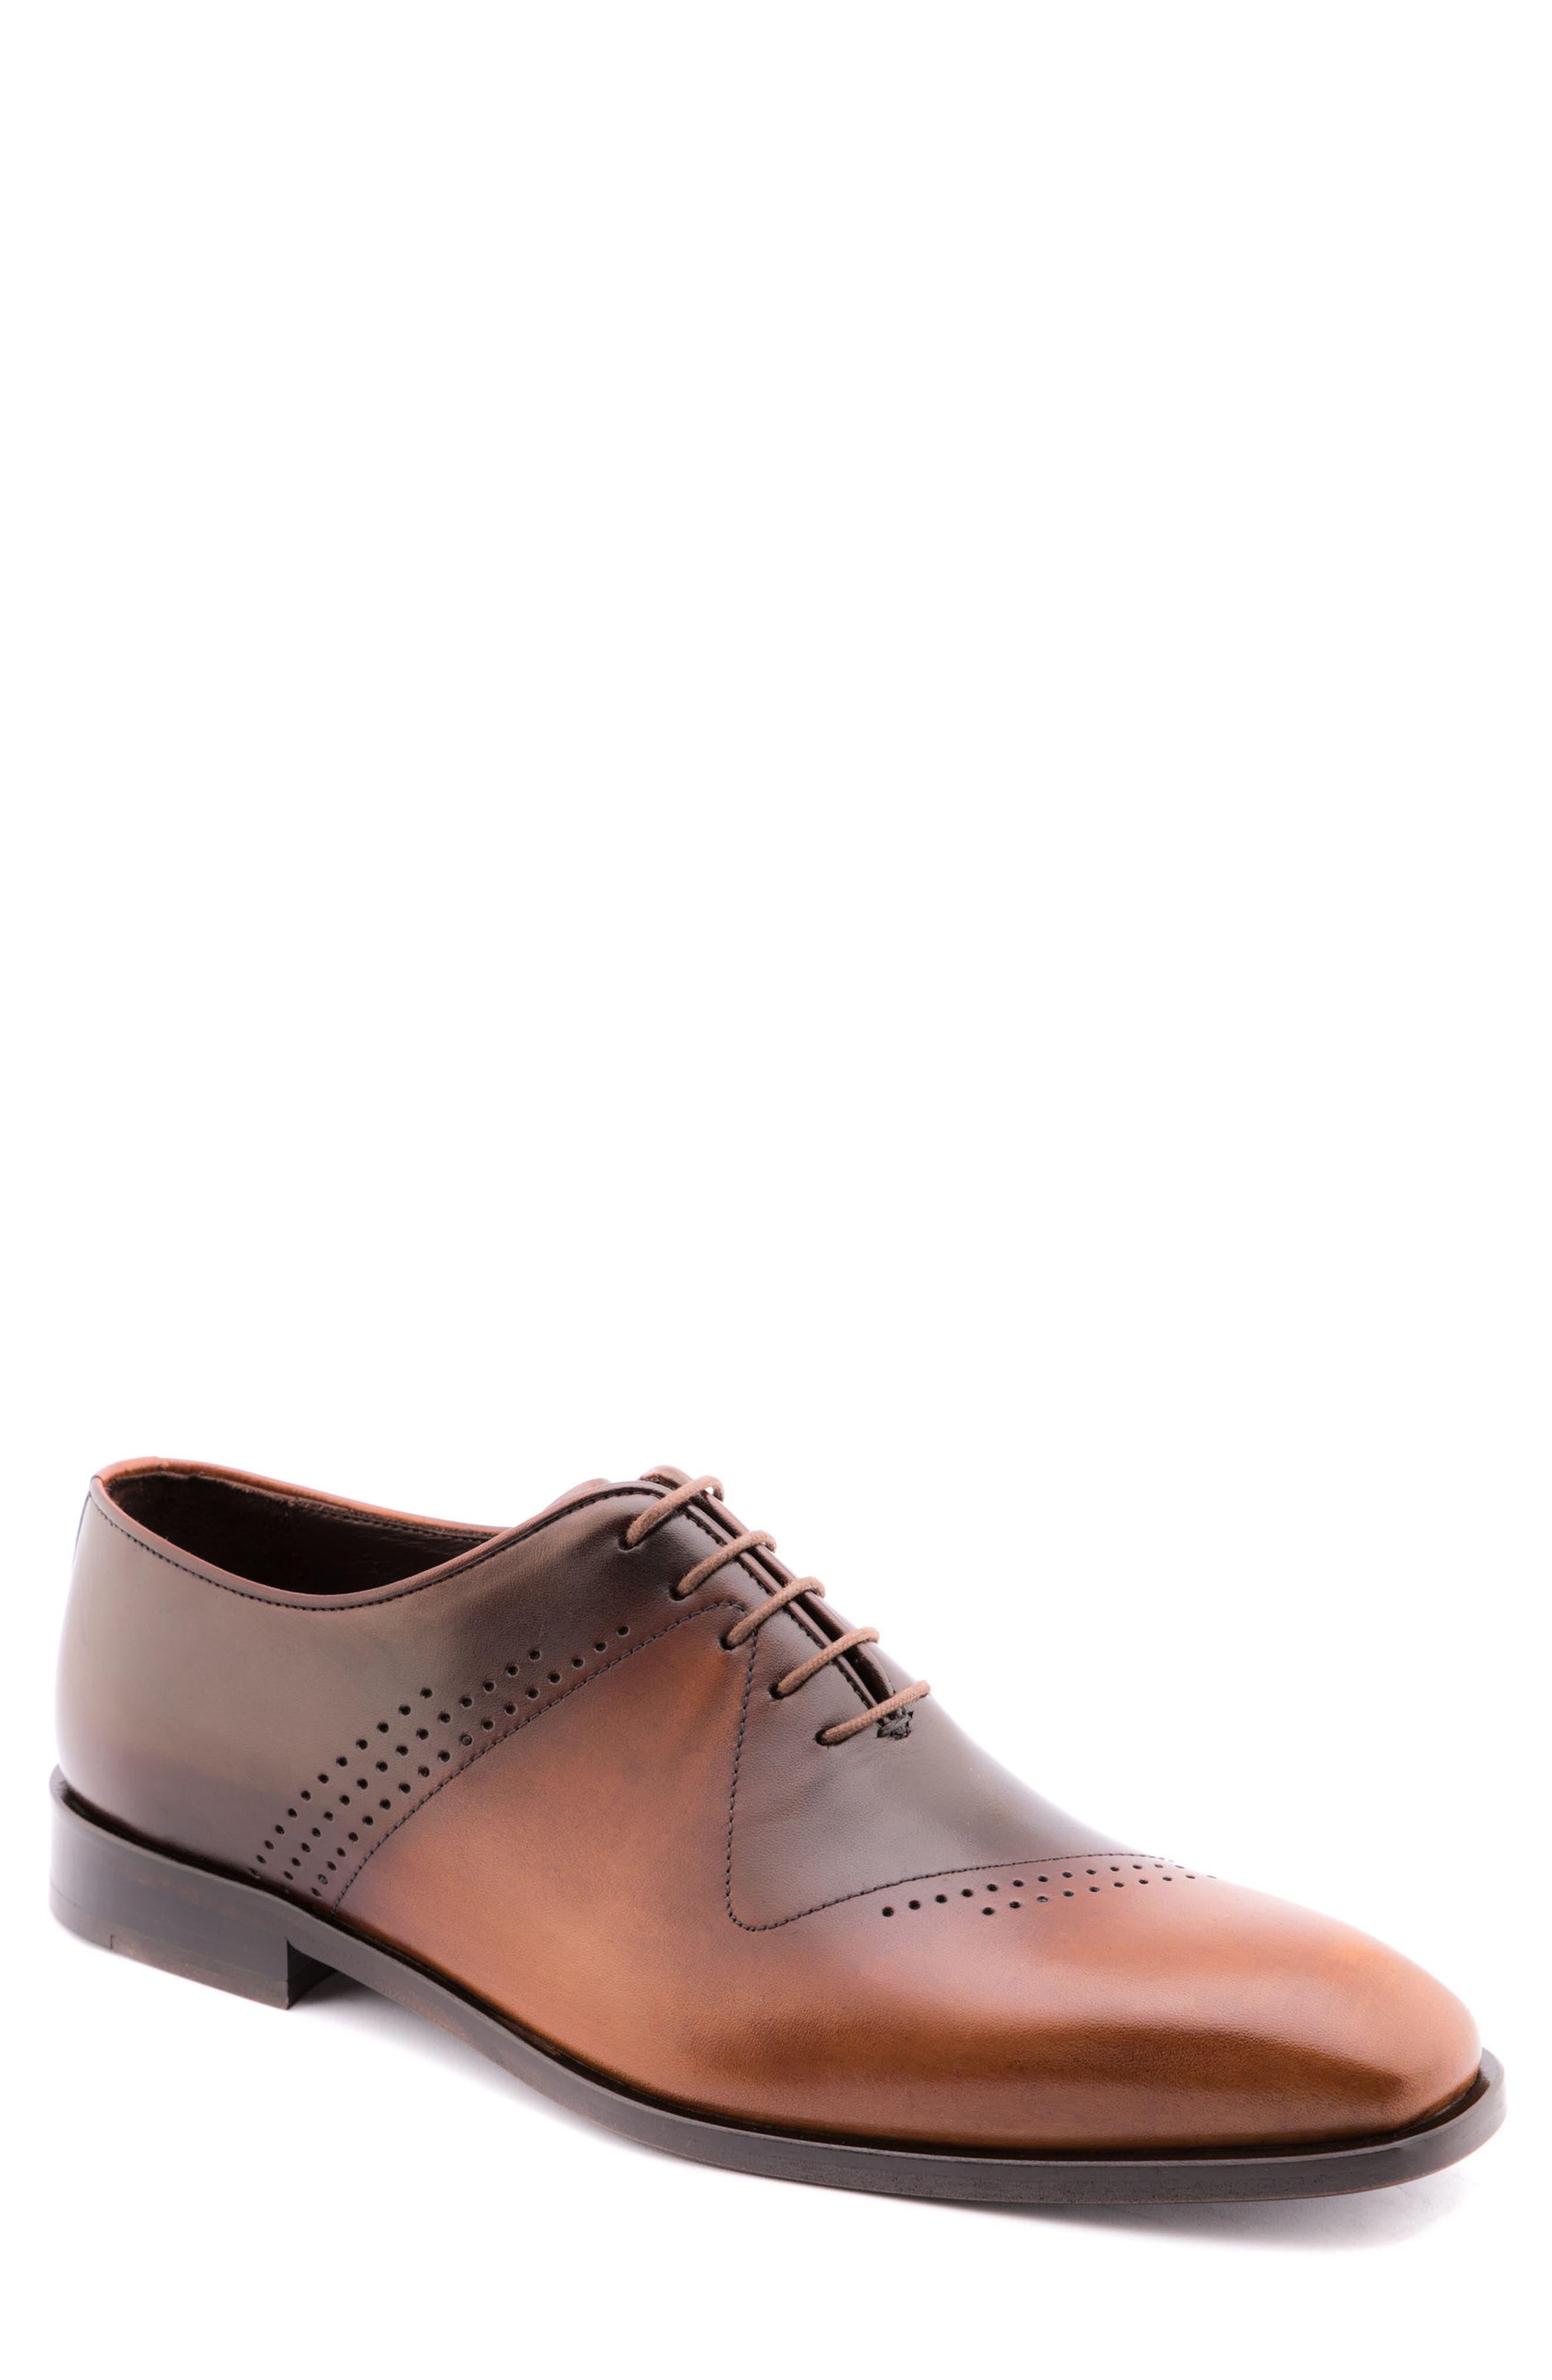 Alternate Image 1 Selected - Jared Lang Buffer Plain Toe Oxford (Men)